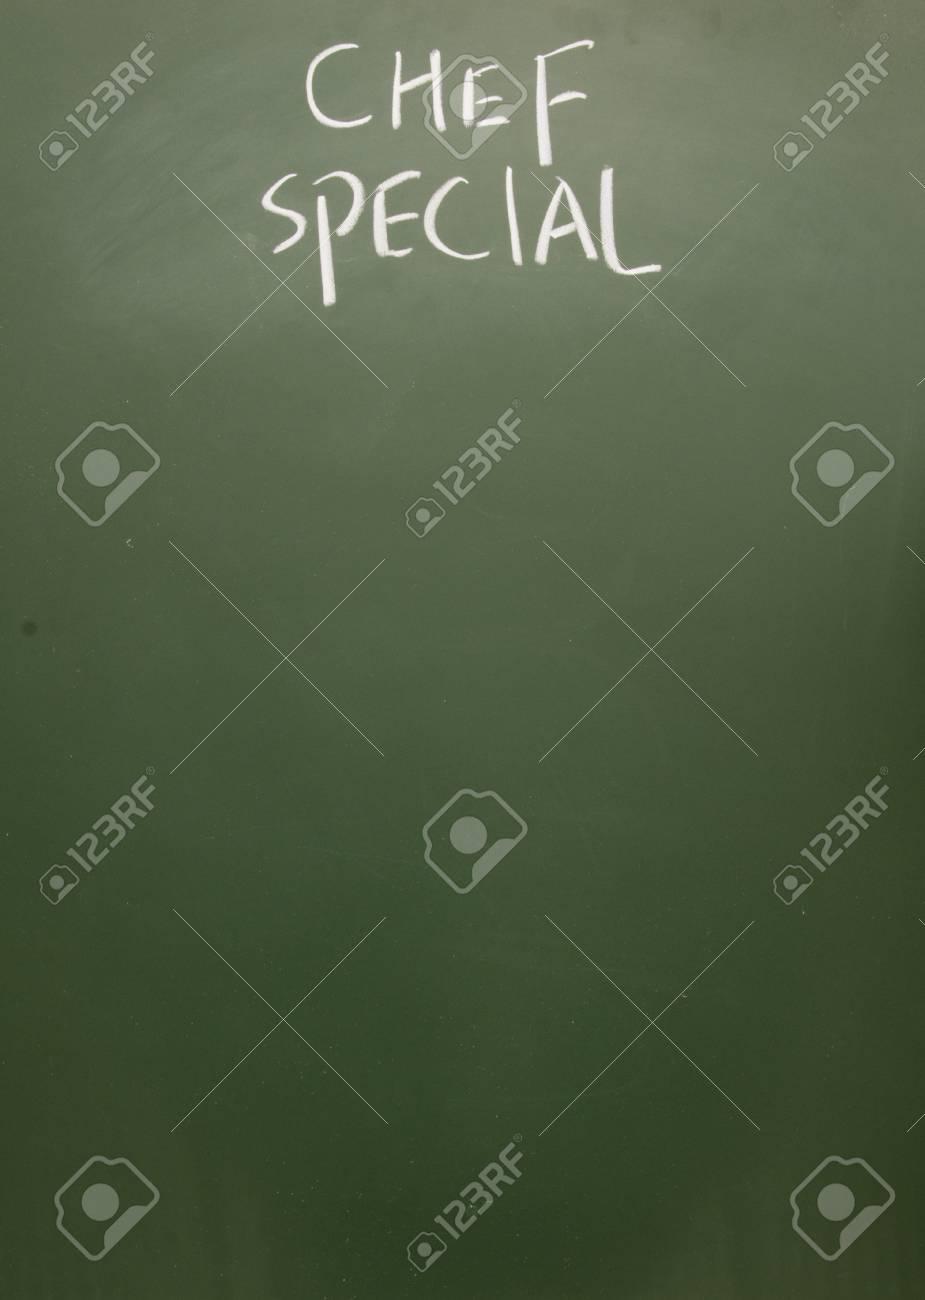 Koch-Special Mit Kreide Auf Tafel Gezeichnet Lizenzfreie Fotos ...